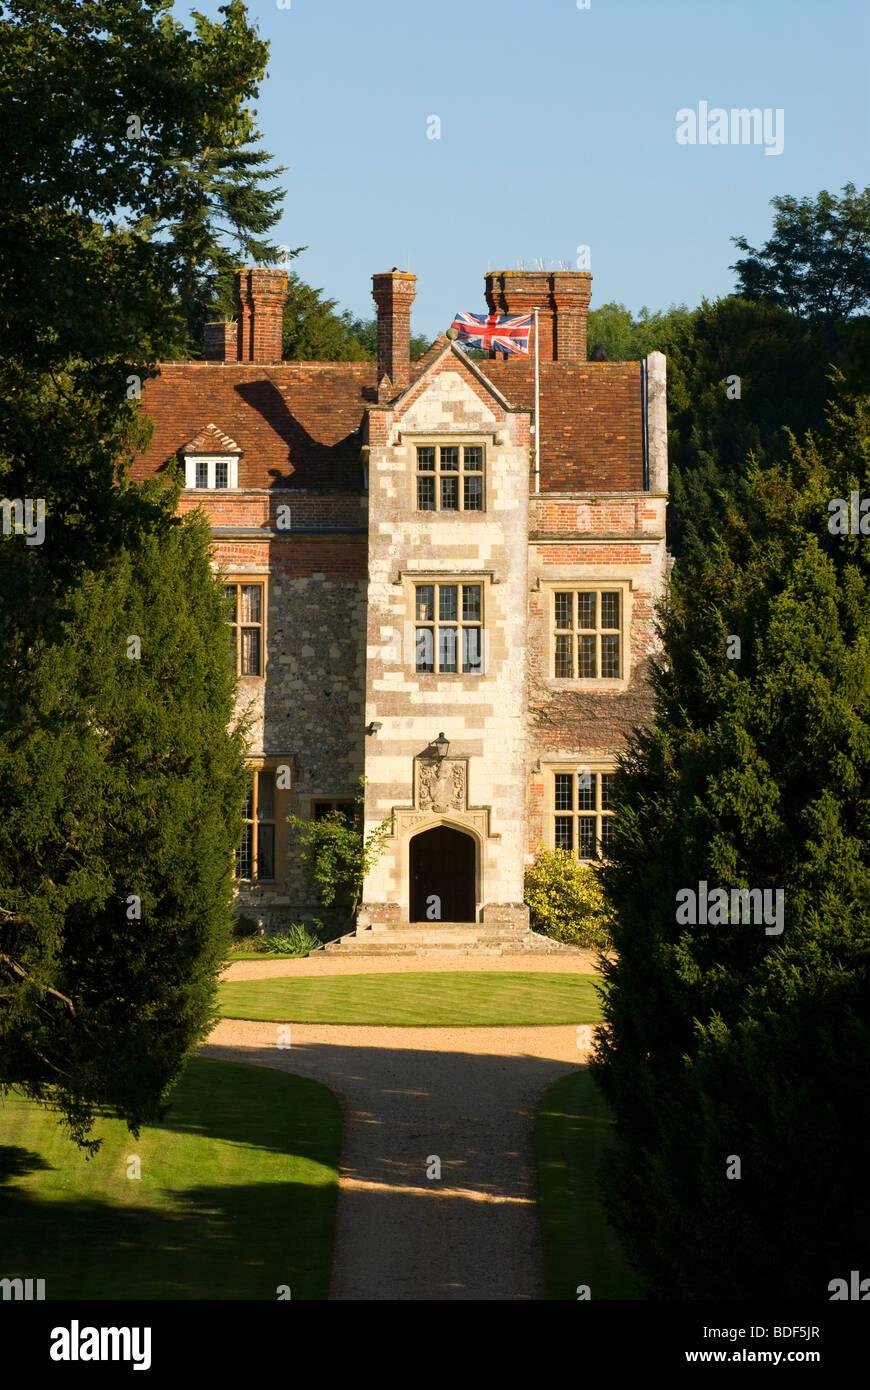 Biblioteca de la casa, Chawton Chawton, cerca de Alton, Hampshire, Reino Unido. Imagen De Stock